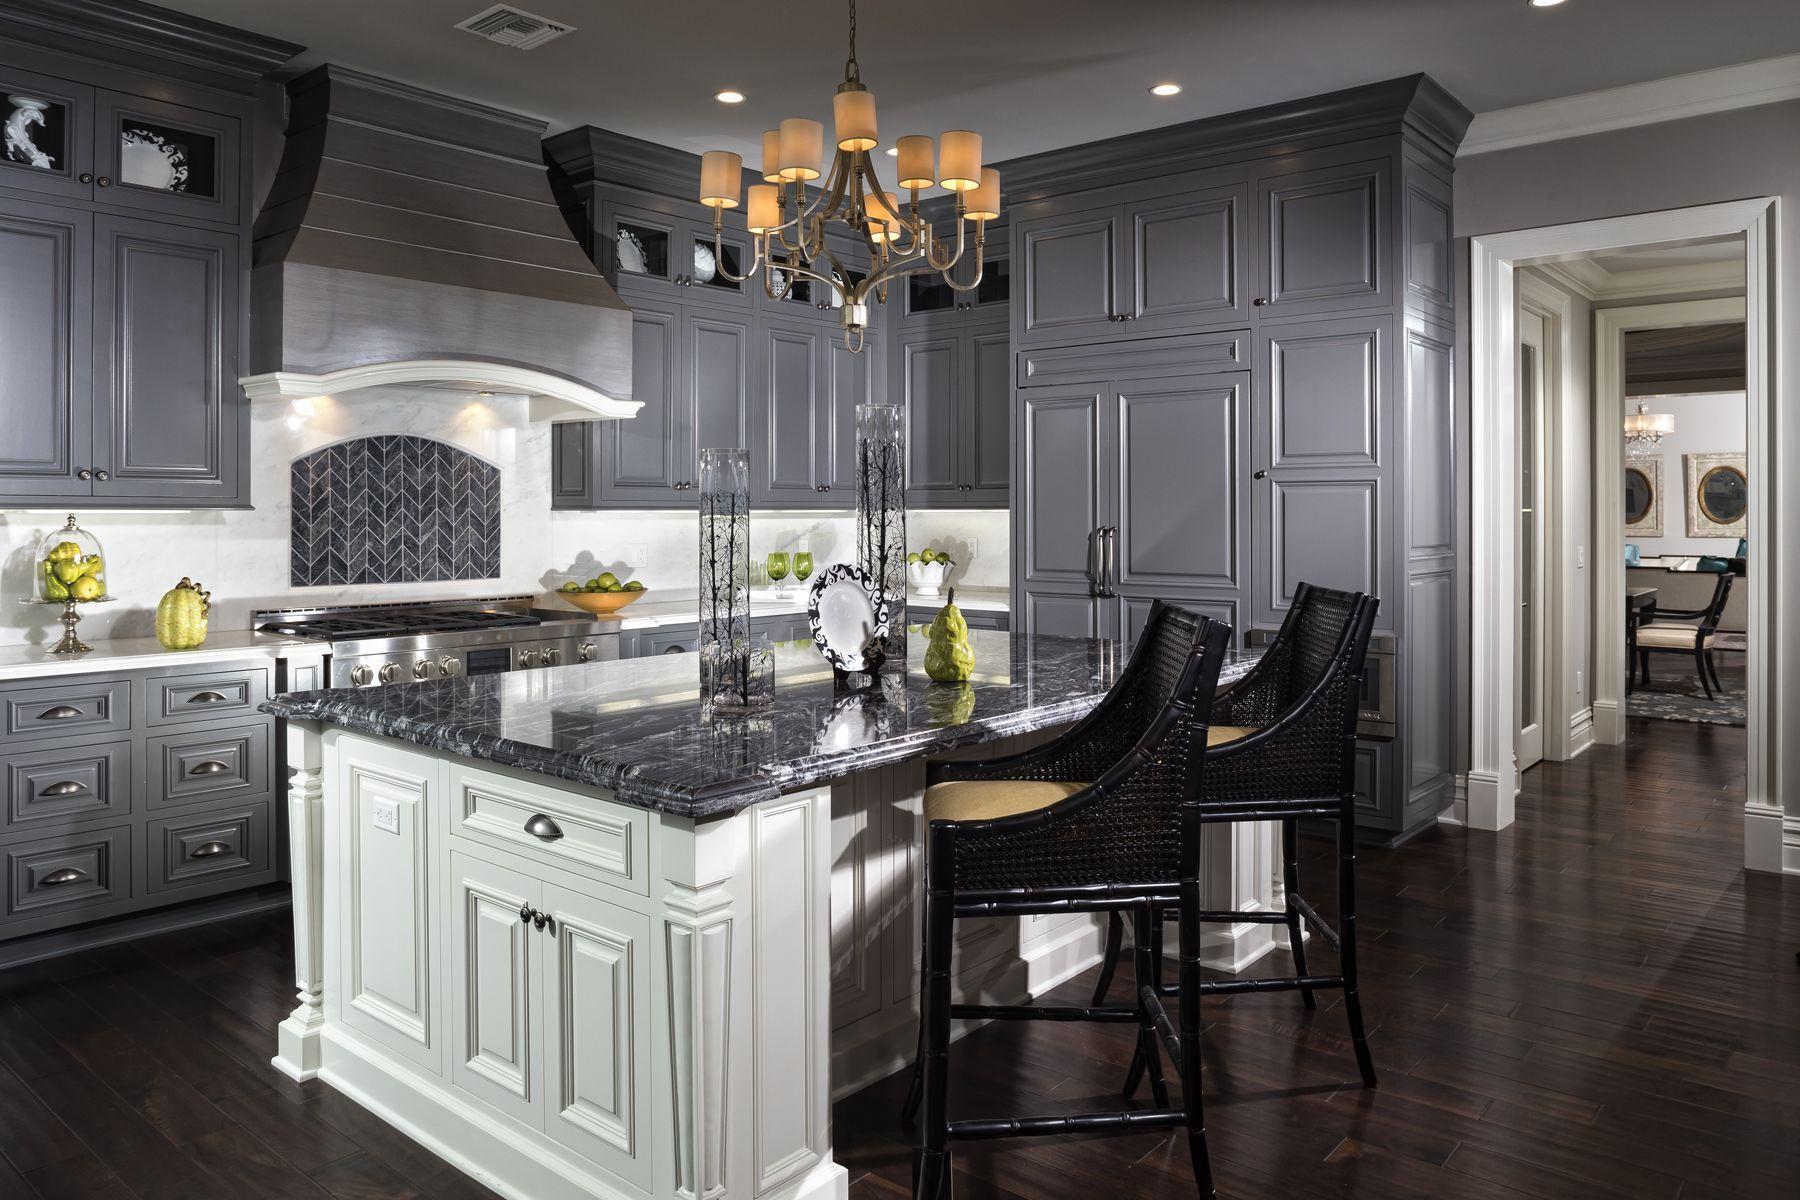 Woodruff Kitchen Home Kitchens House Interior Decor Traditional Kitchen